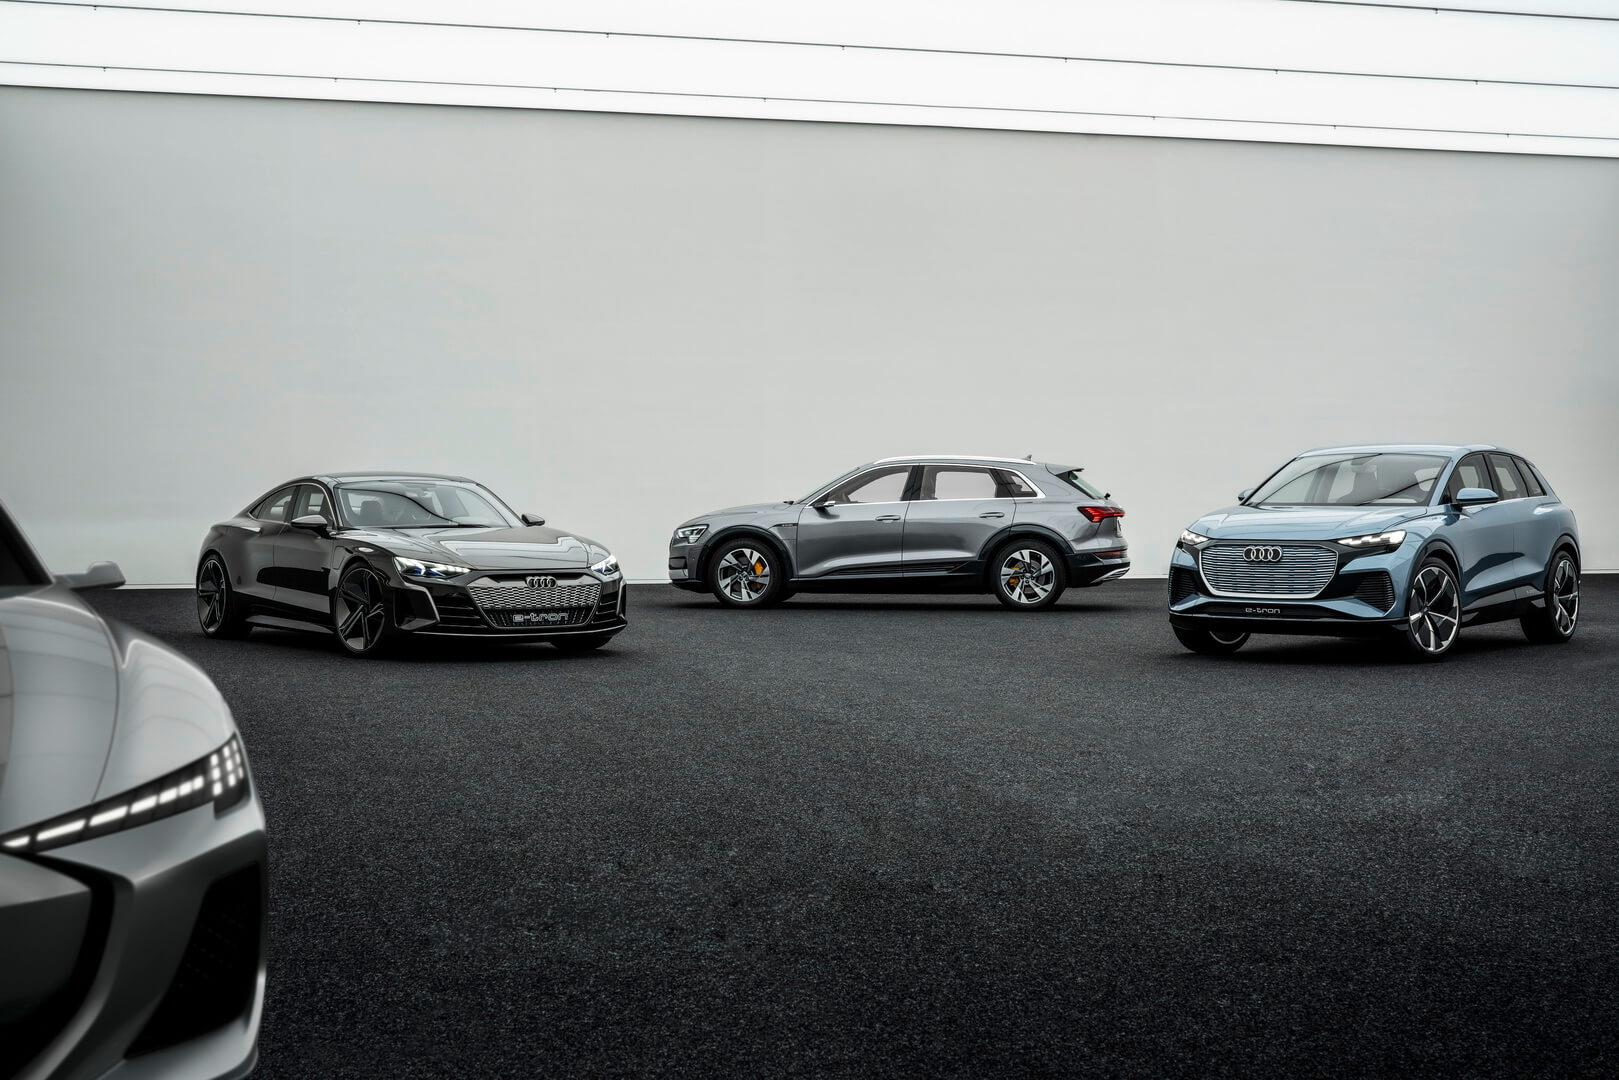 Будущие электромобили Audi: неизвестный концепт → Audi e-tron GT → Audi e-tron quattro → Audi Q4 e-tron